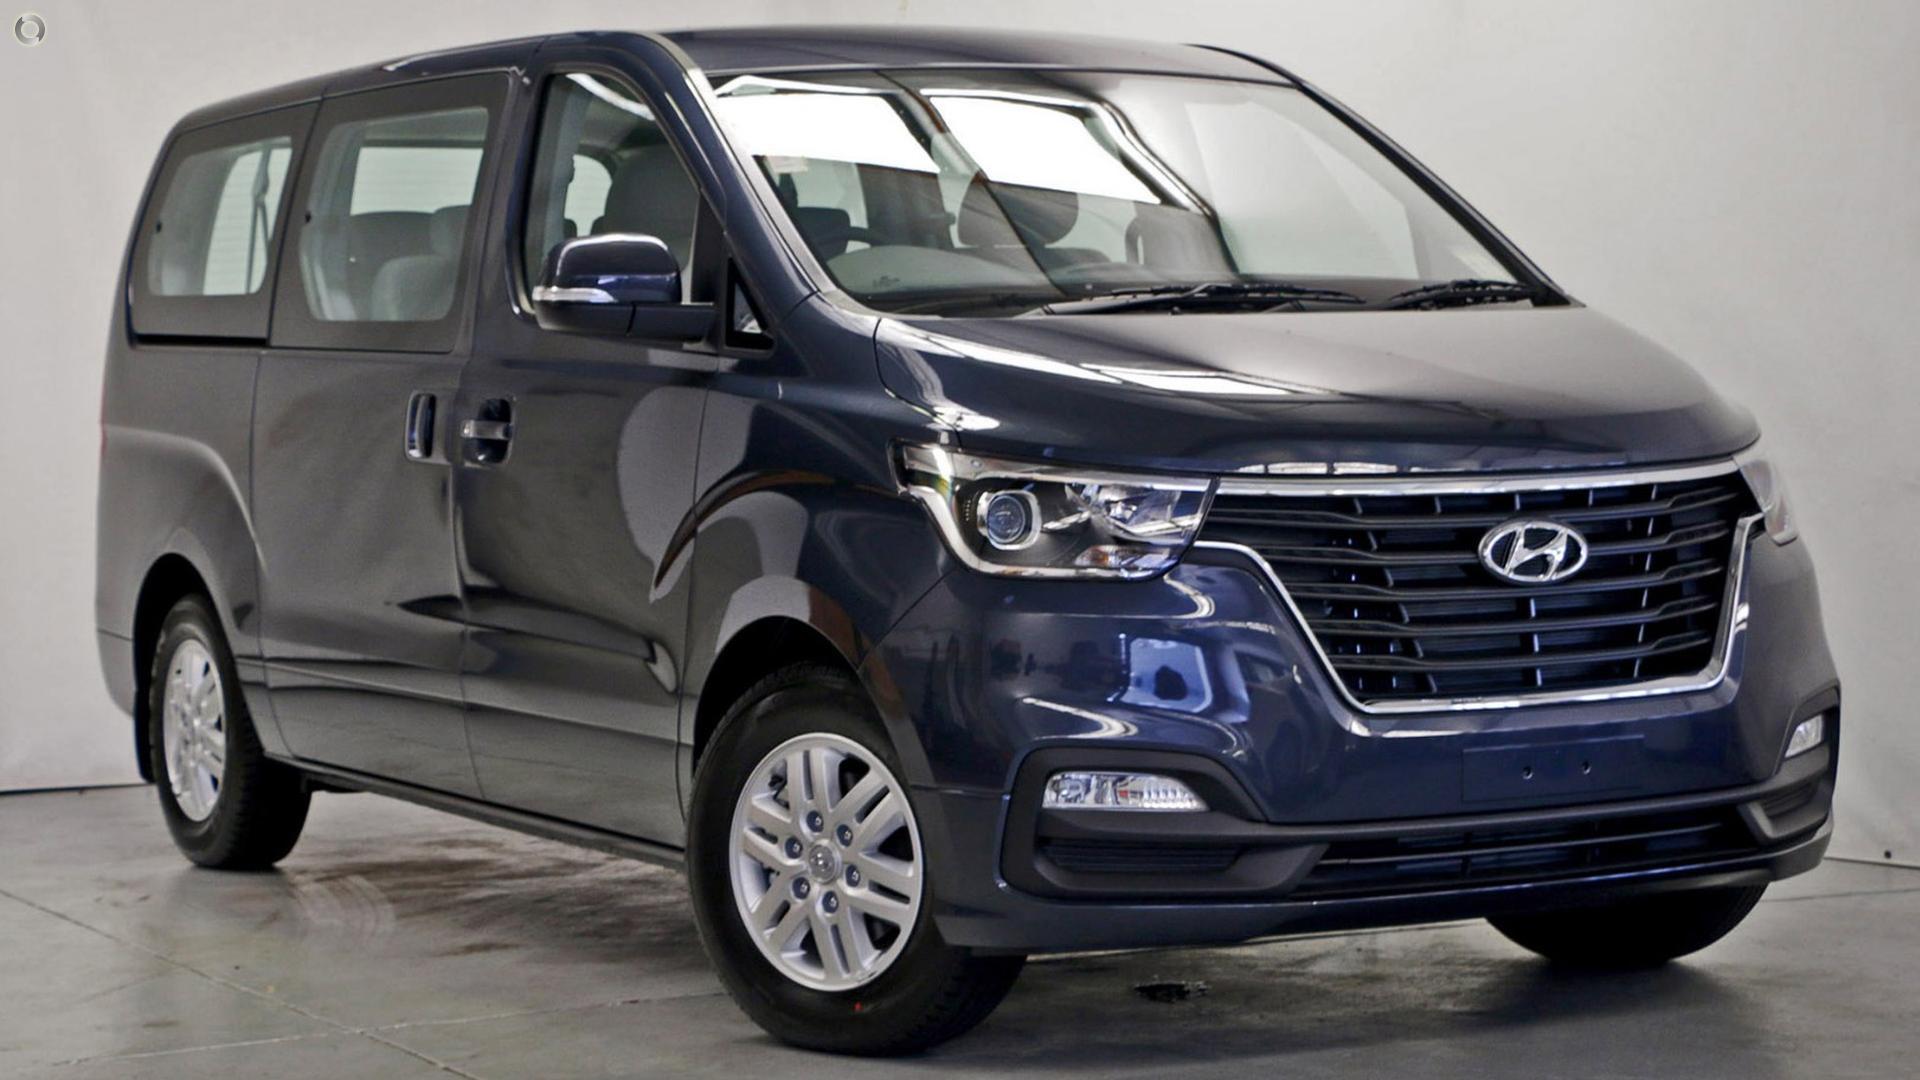 2018 Hyundai Imax Active